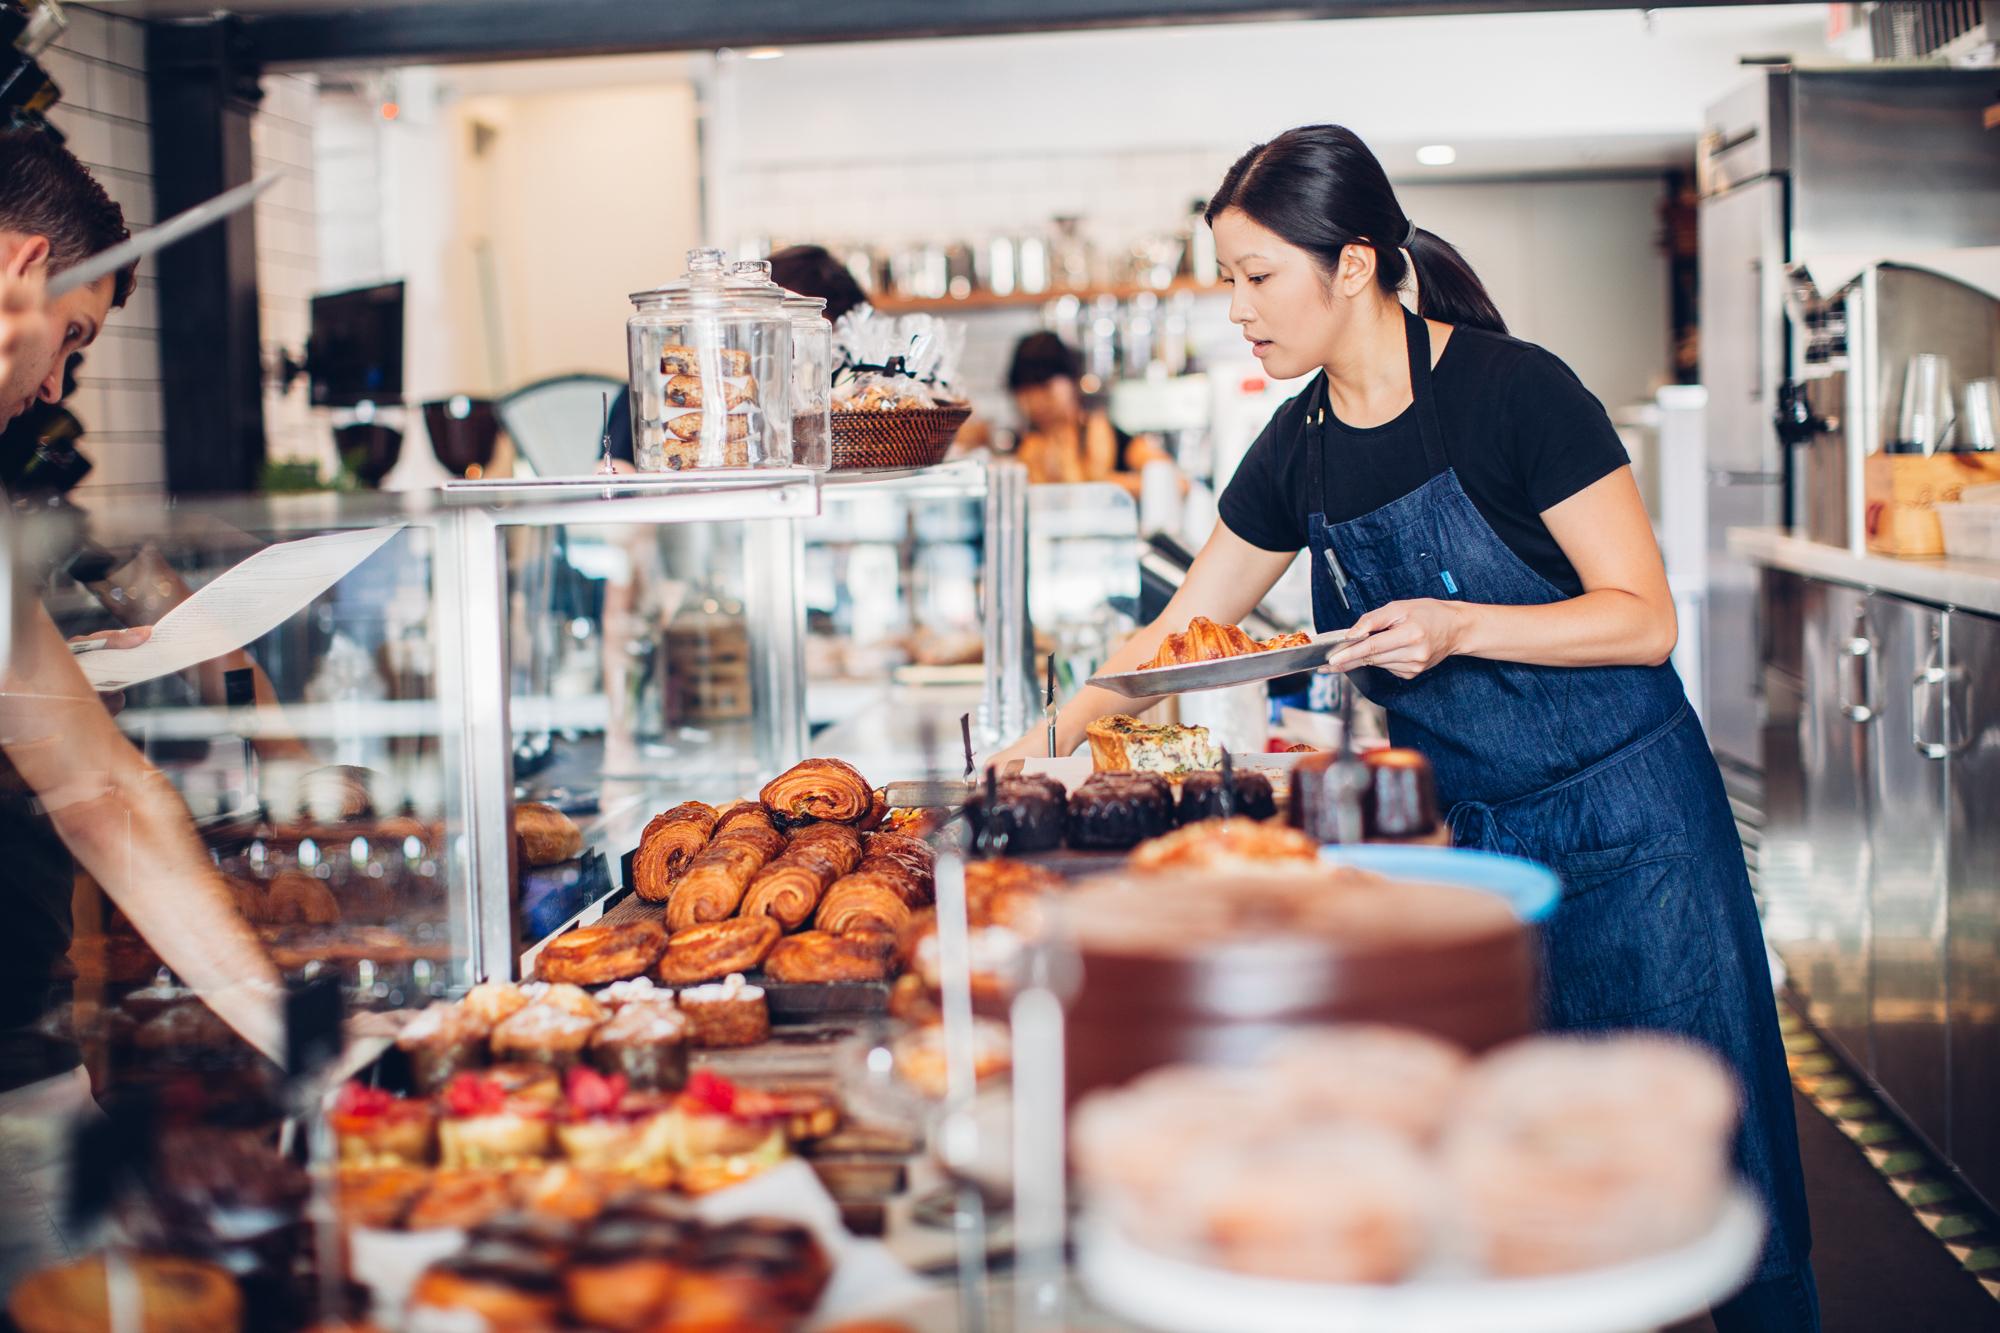 Pastries at Republique | © Michelle Park, Courtesy of Republique